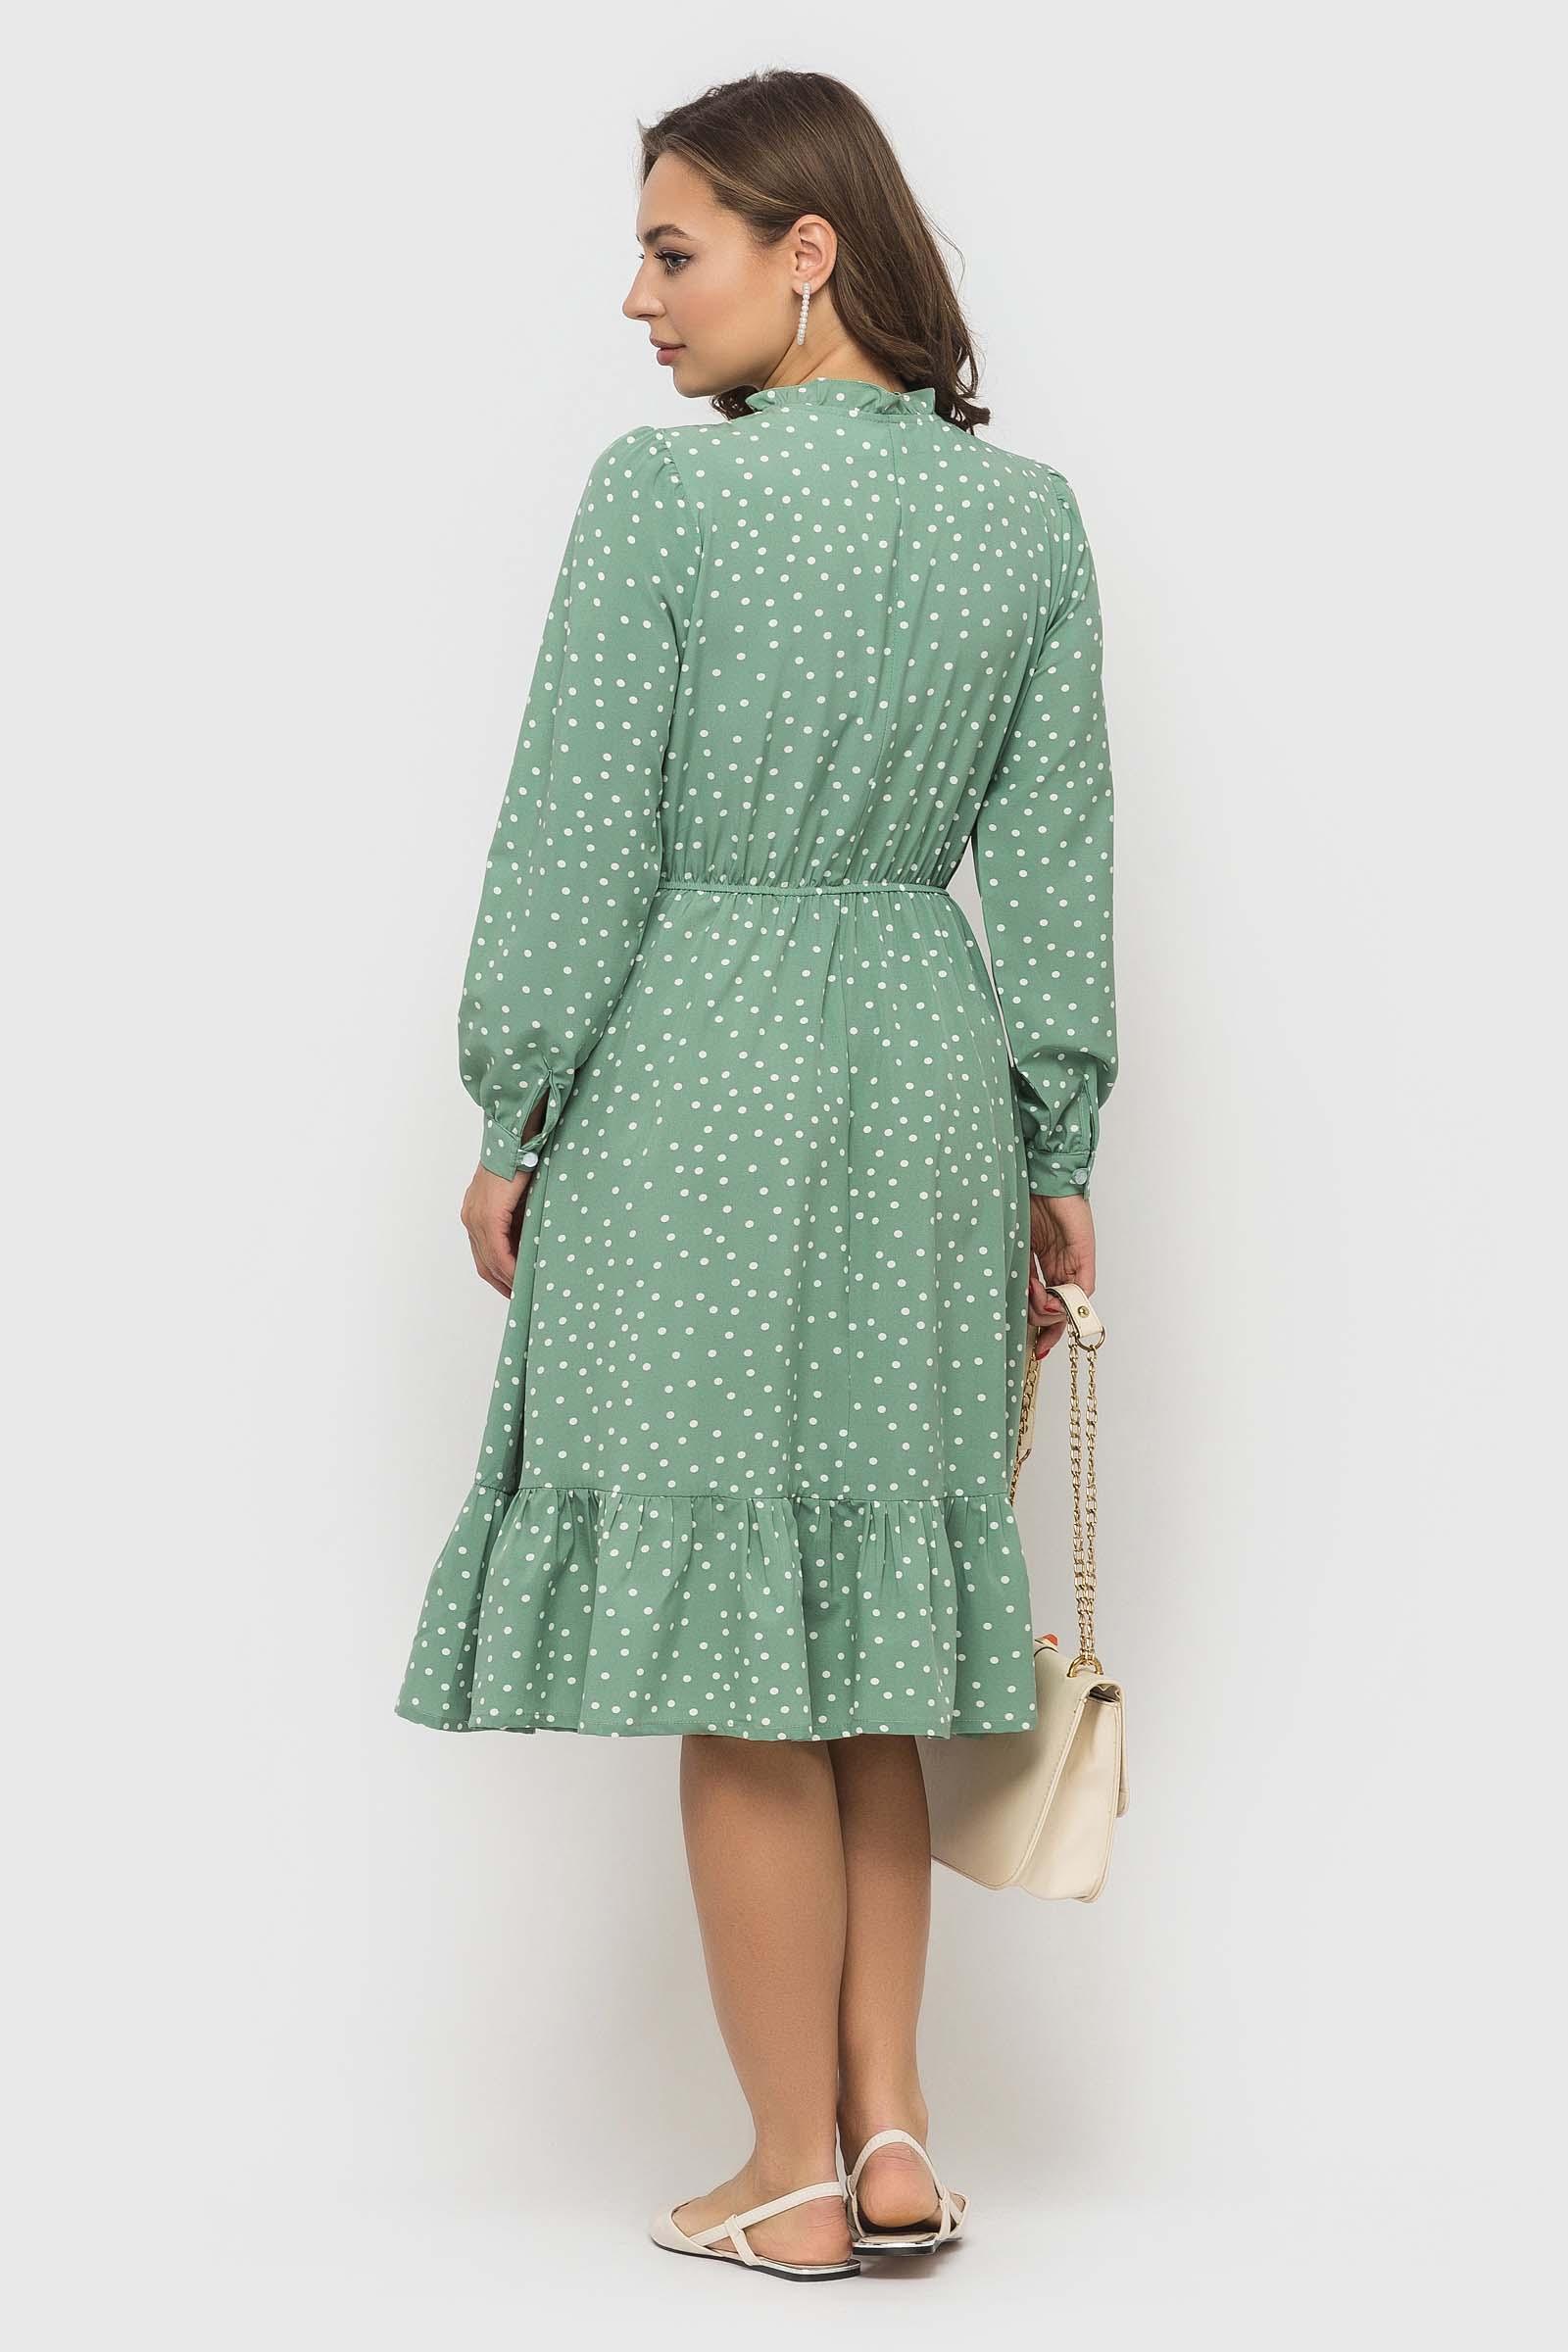 be art 2020 04 07182267 Купить платье